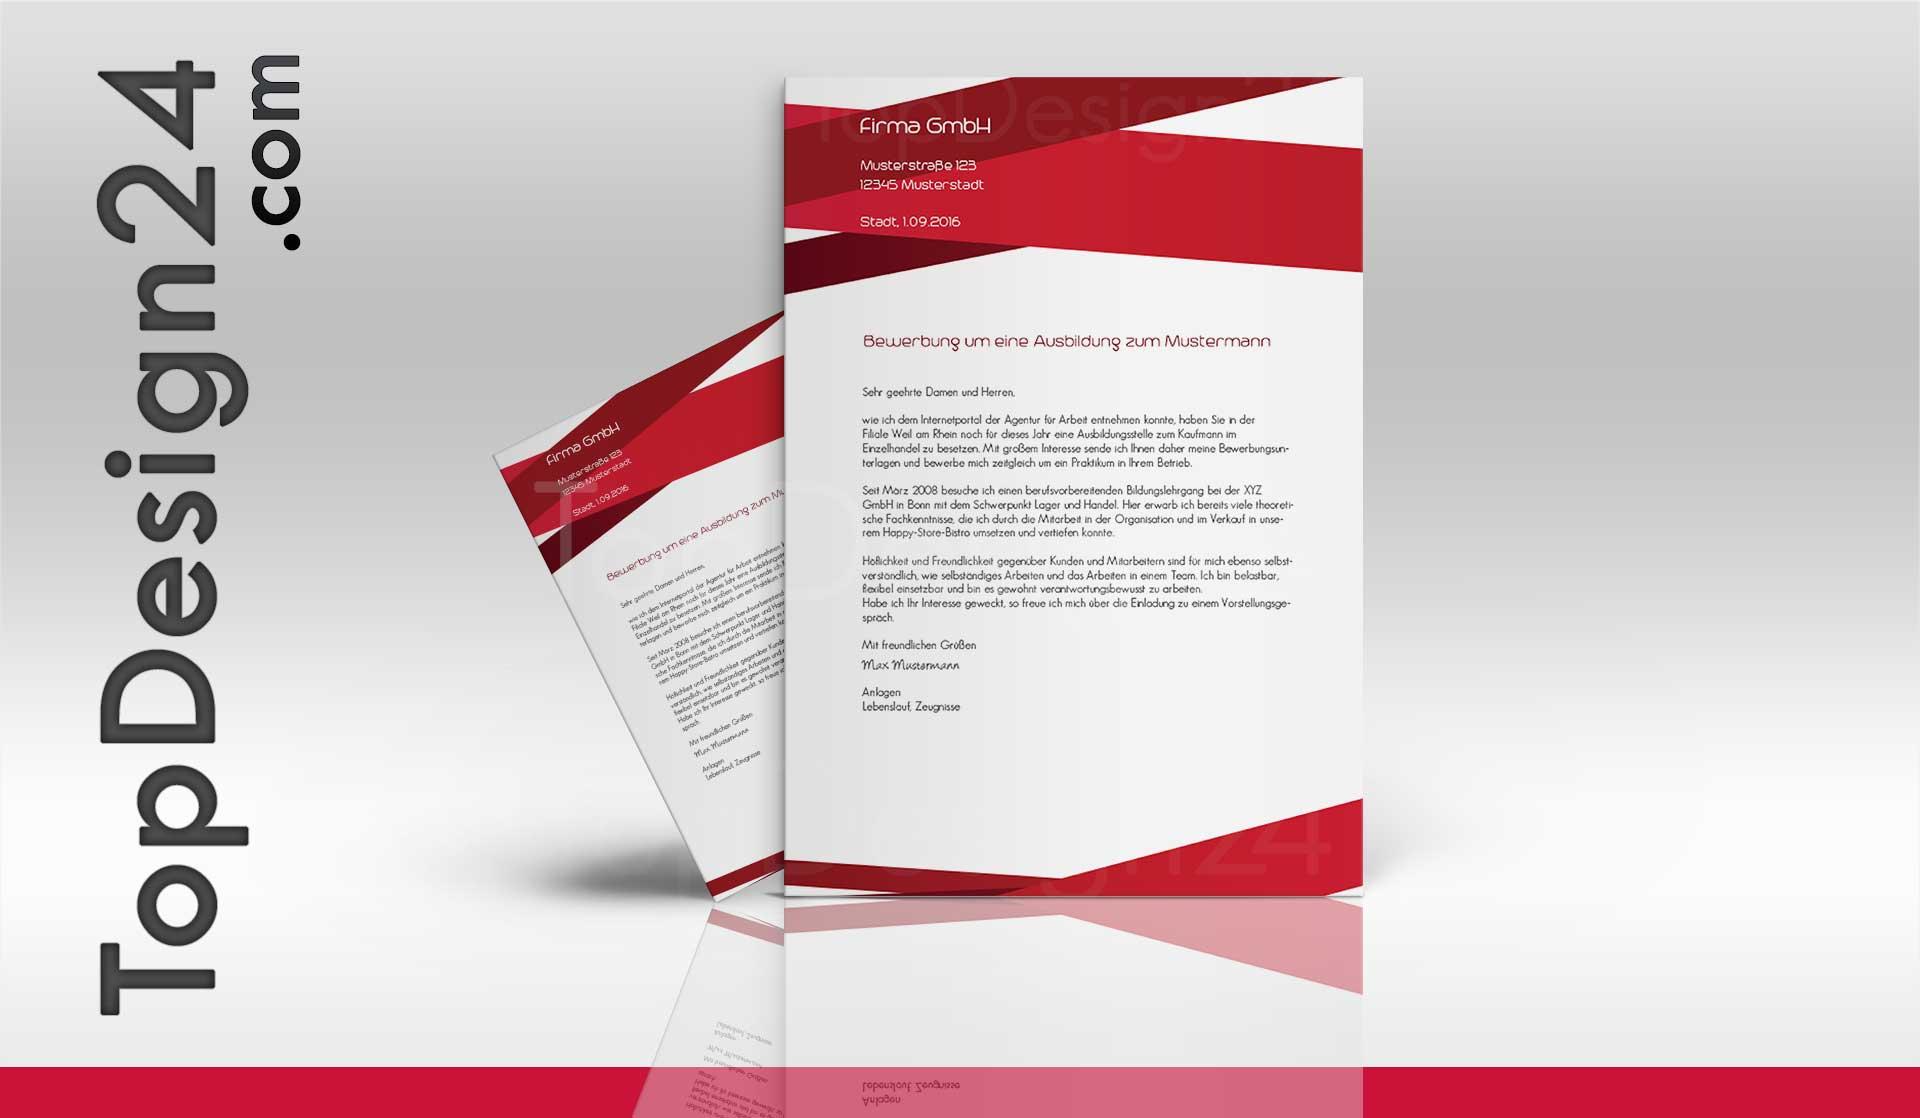 Vorlage Deckblatt Bewerbung Topdesign24 Topbewerbung